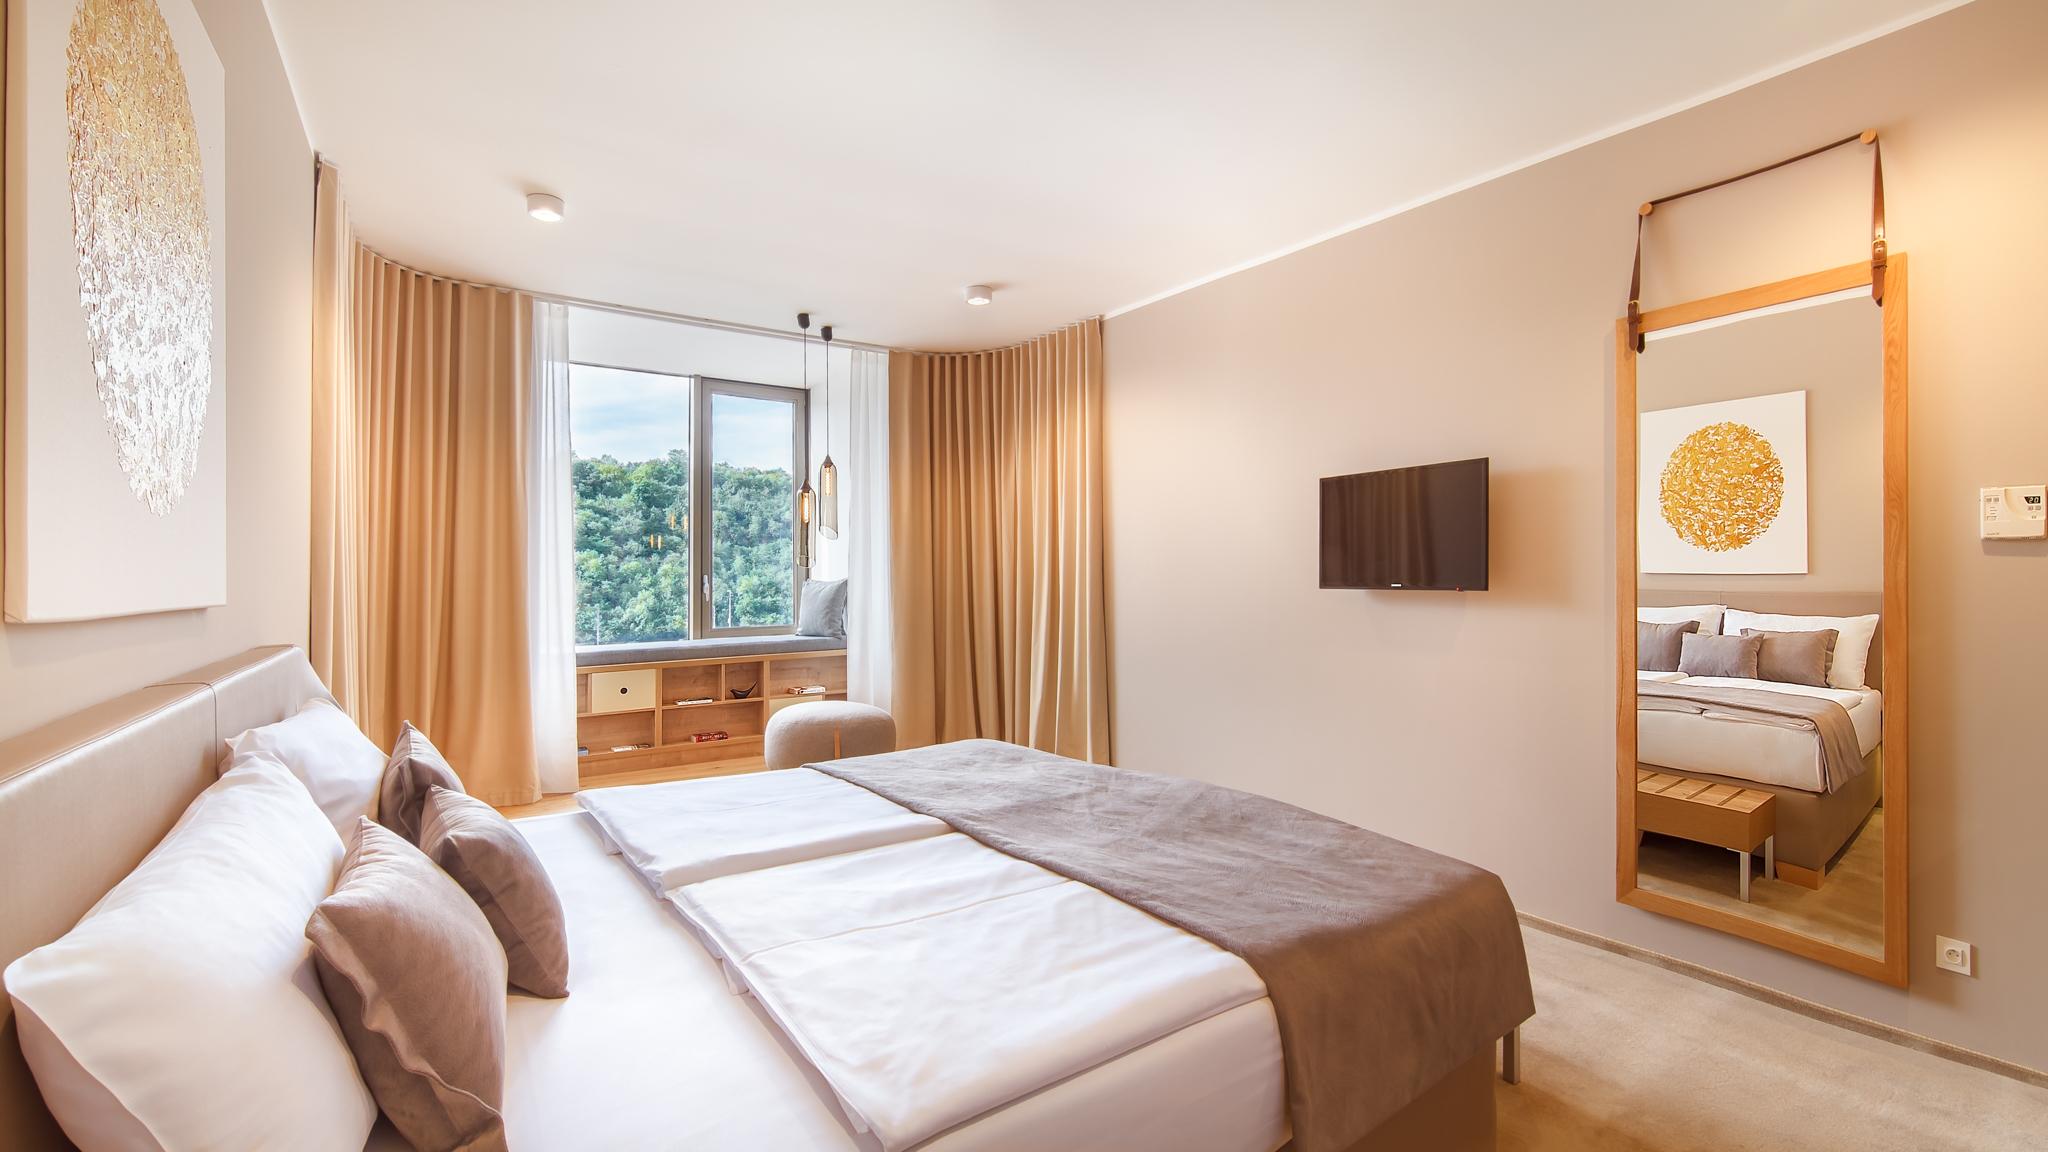 Hotel President_New_Rooms_72dpi-4.jpg